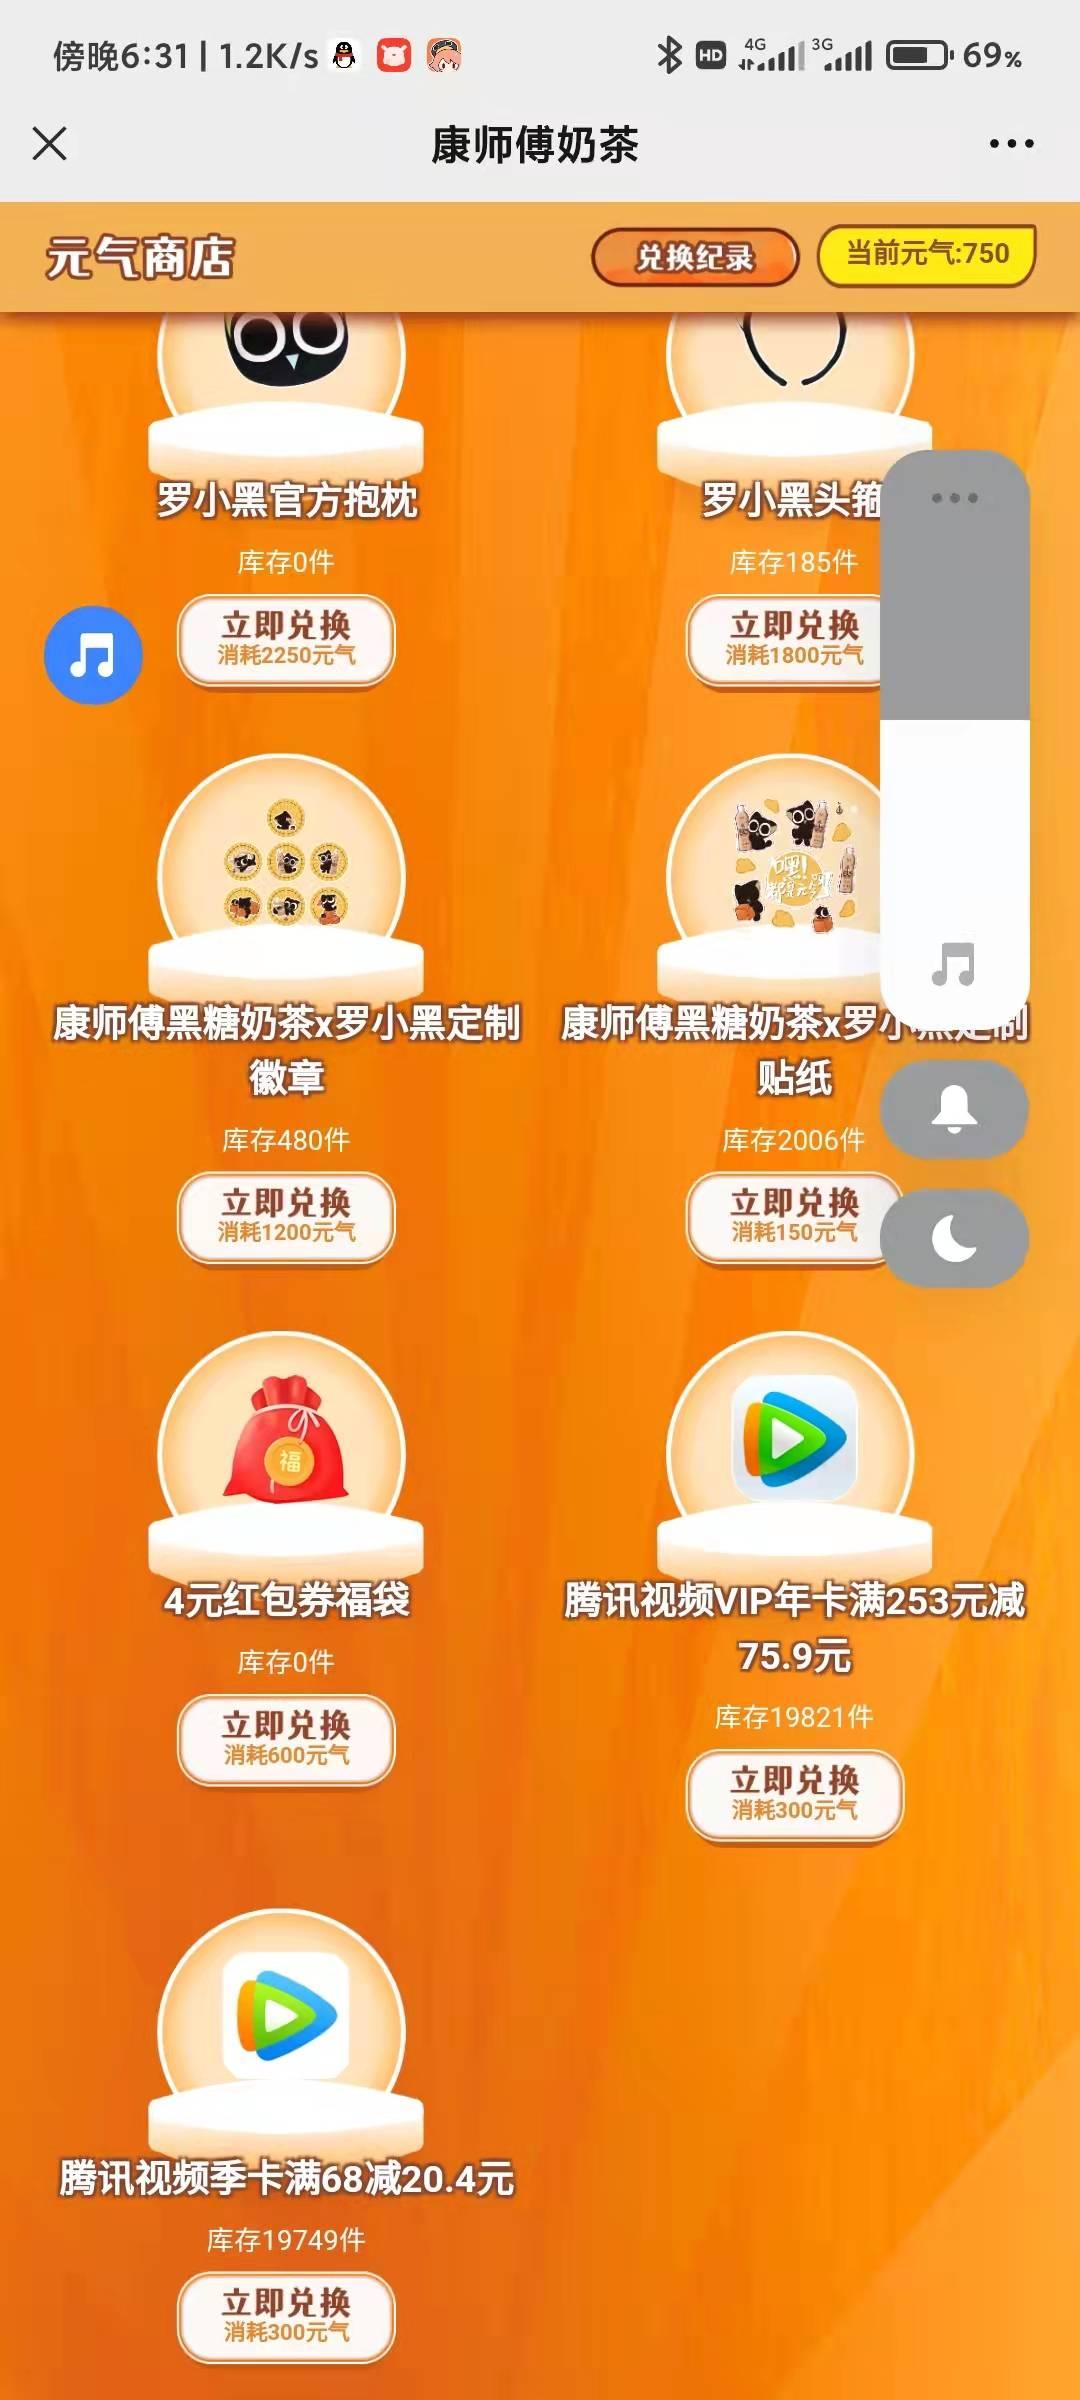 【红包码子】奶茶少量费马没补★ 定位 上海 江苏 浙江 安徽 上海 中红包积分